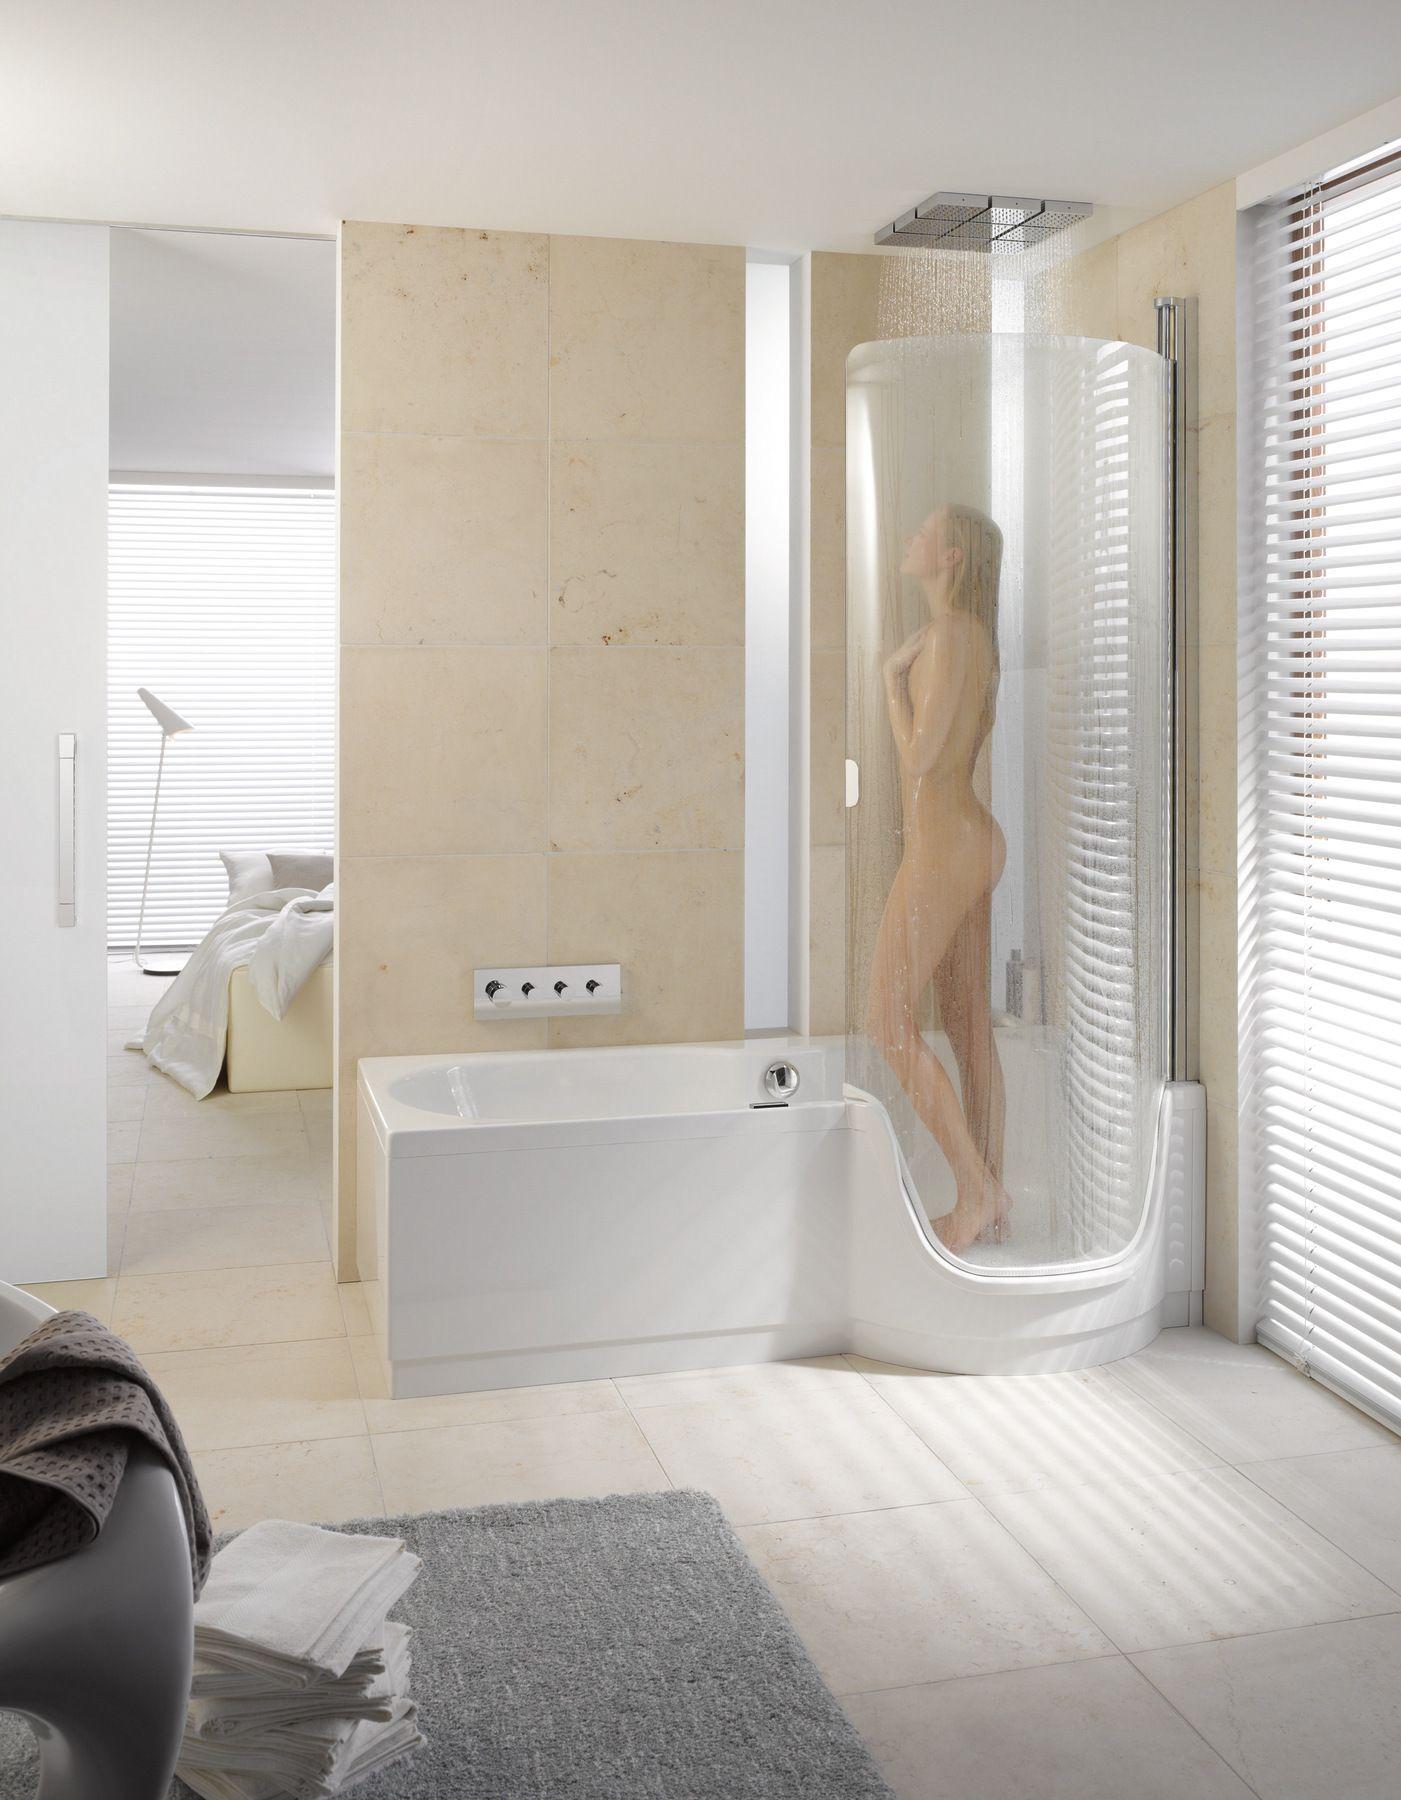 Vasca da bagno con doccia con porta bettetwist ii by bette - Bagno doccia vasca ...